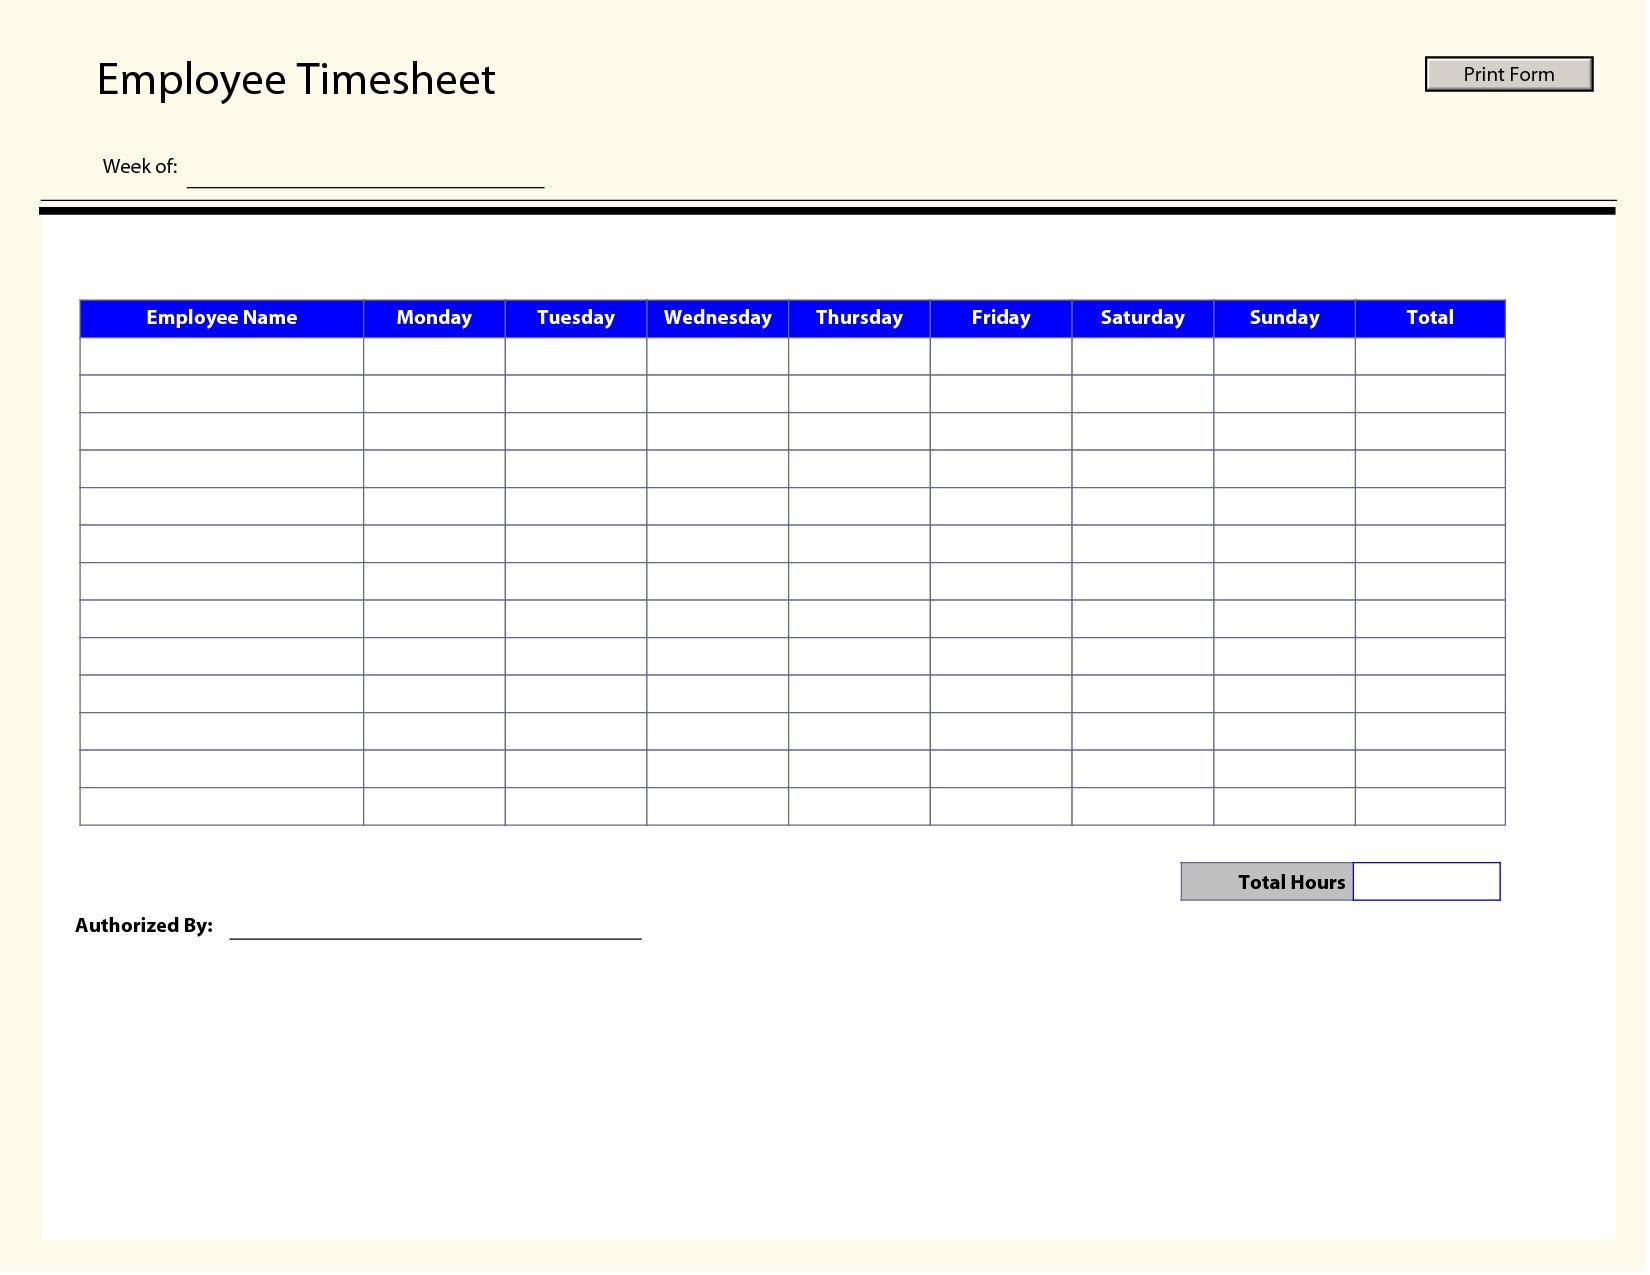 Timesheet Template Free Printable | Rota Template - Monthly Timesheet Template Free Printable